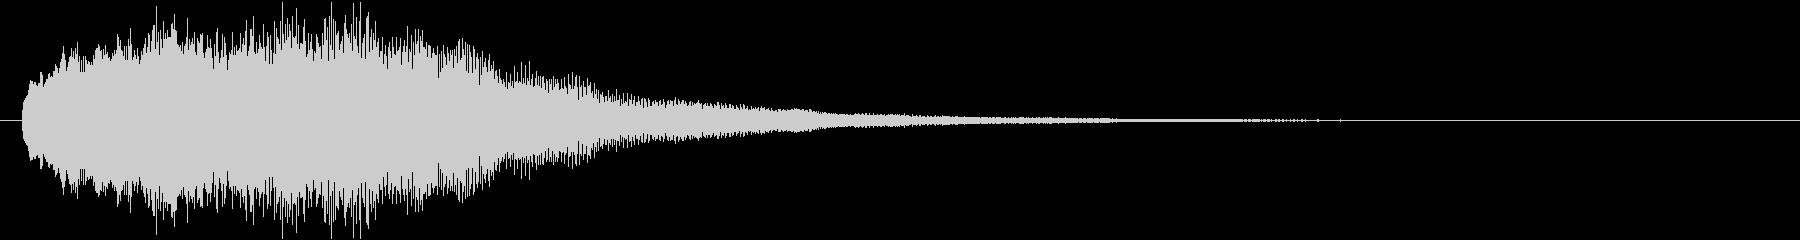 音楽効果;アルペジエイト合成チャイム。の未再生の波形